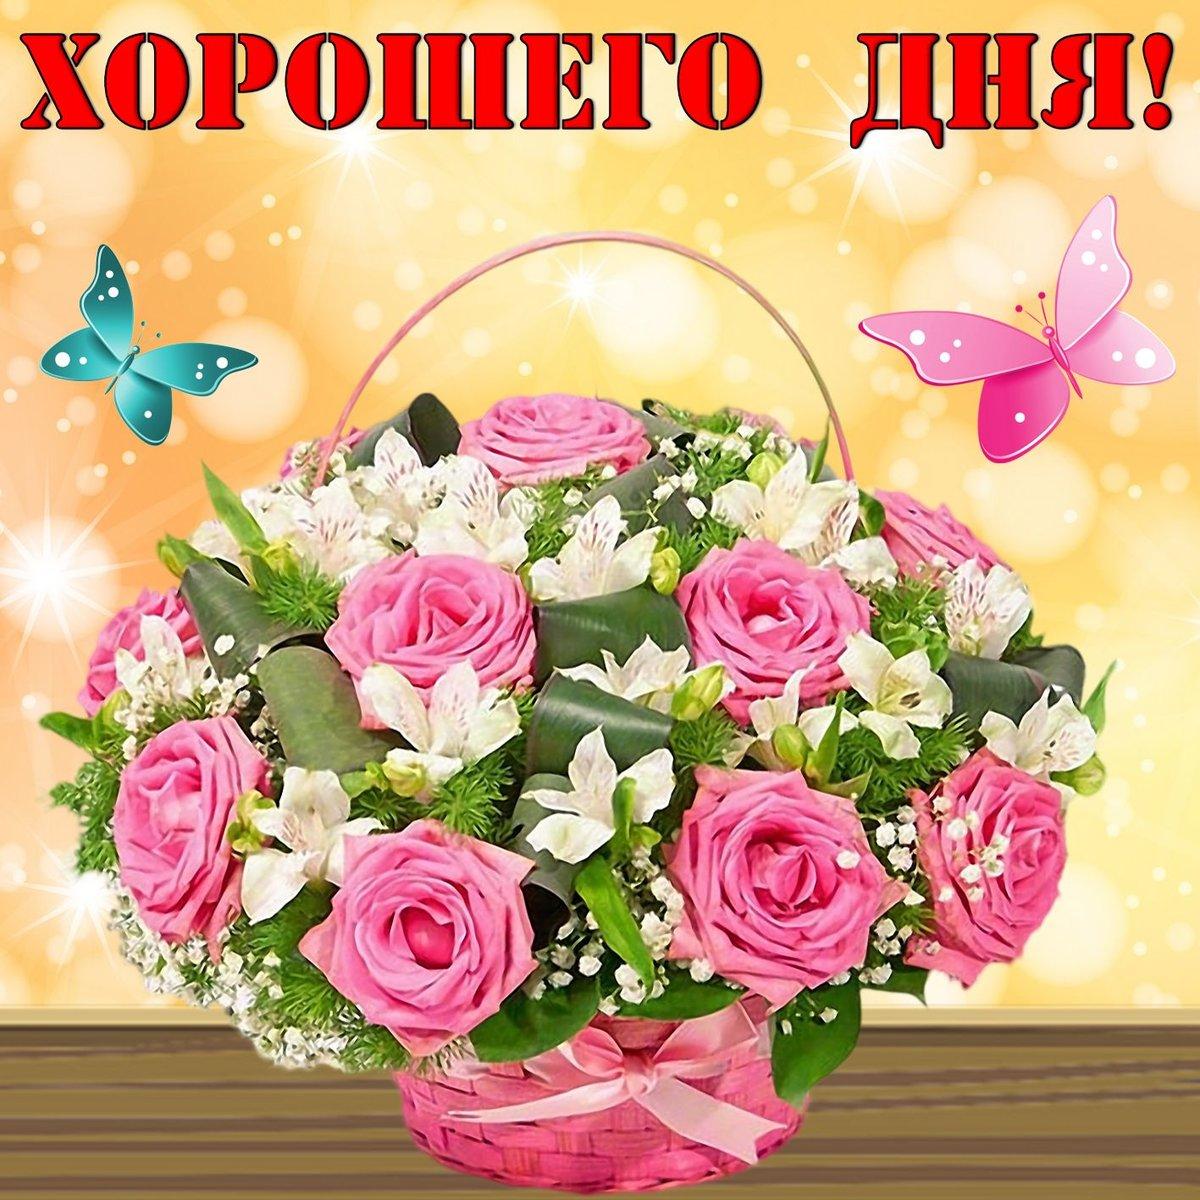 Корзина цветов картинки красивые, открыток скрепки